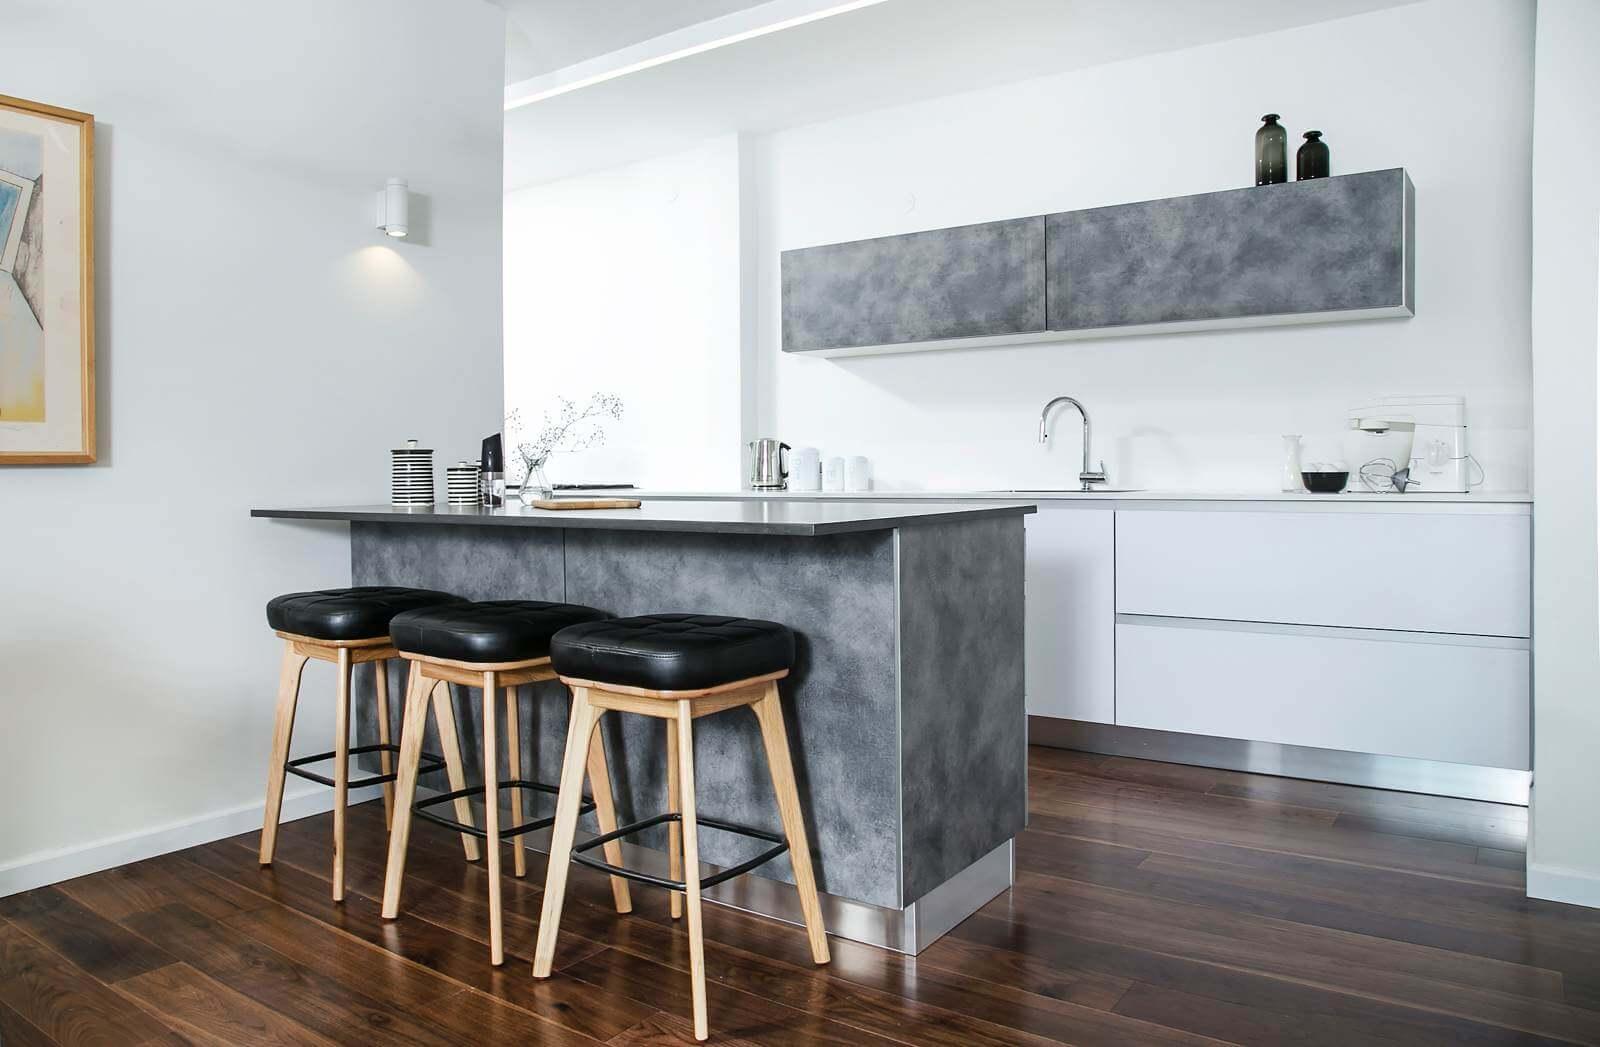 איכות וגימור ריהוט המטבח - תמונת מאמר